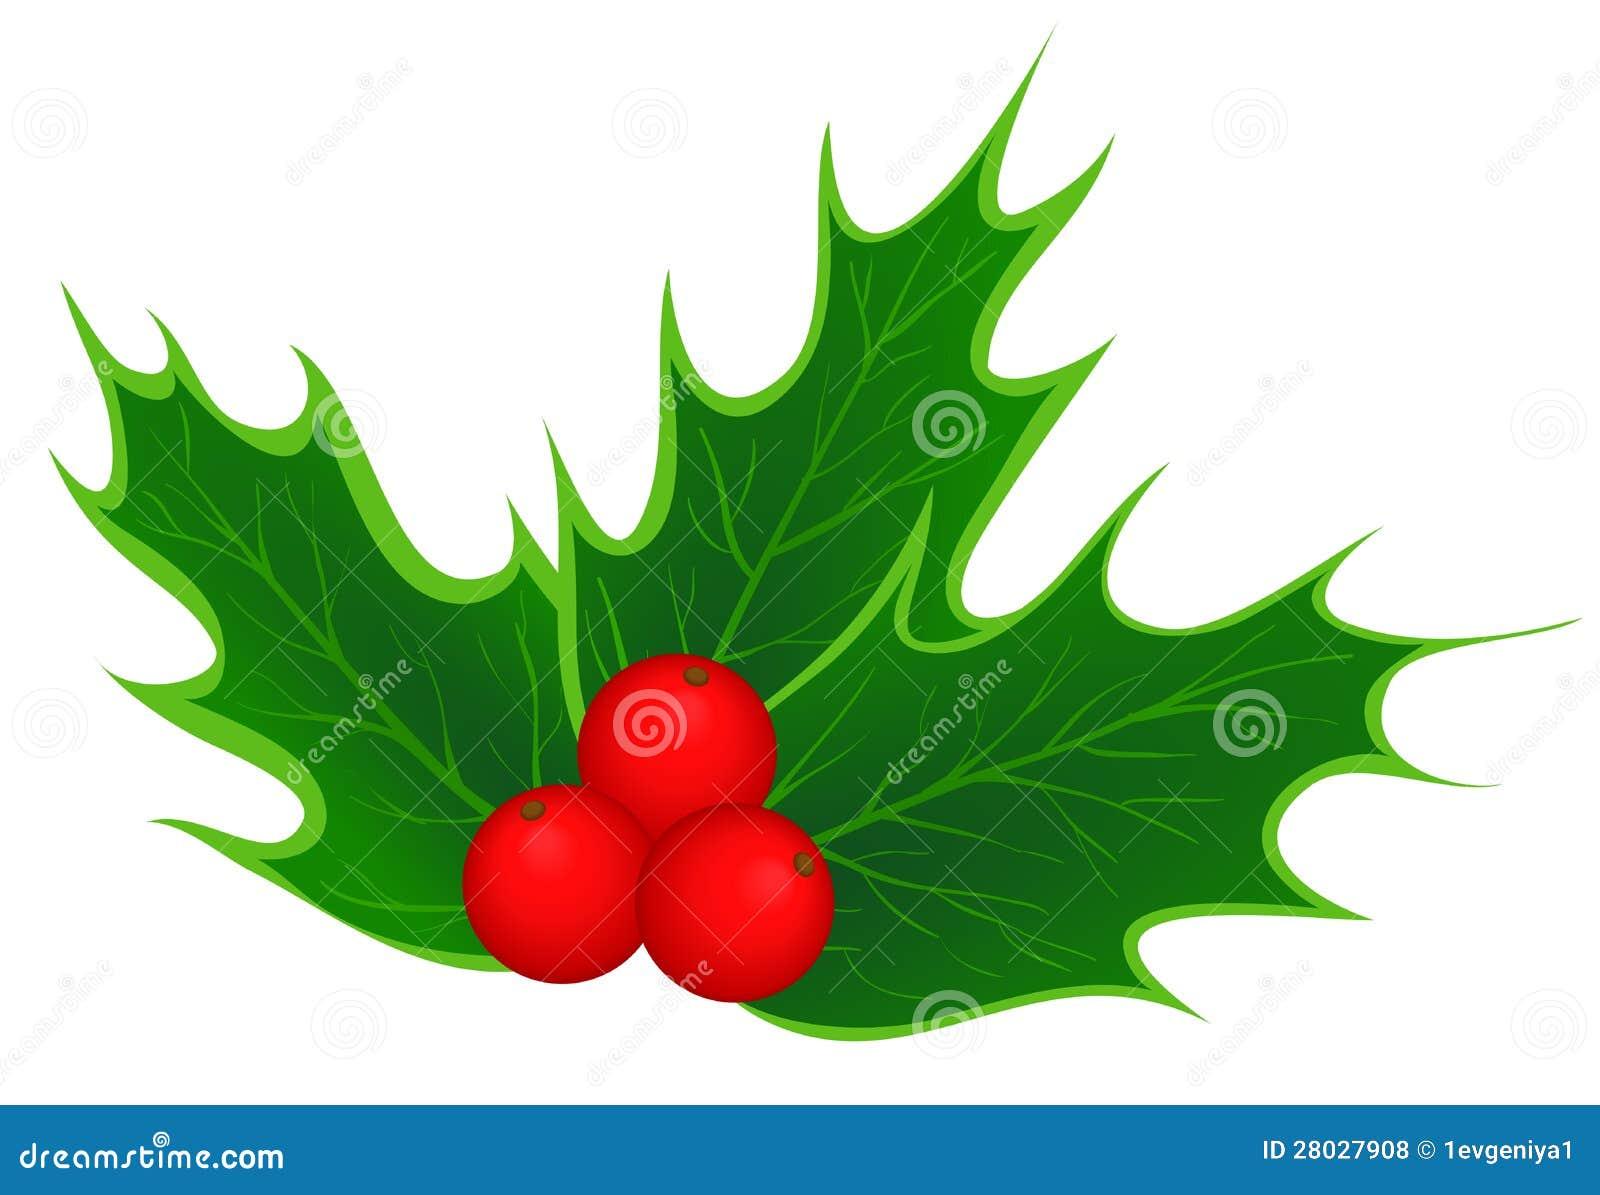 winter berries clip art